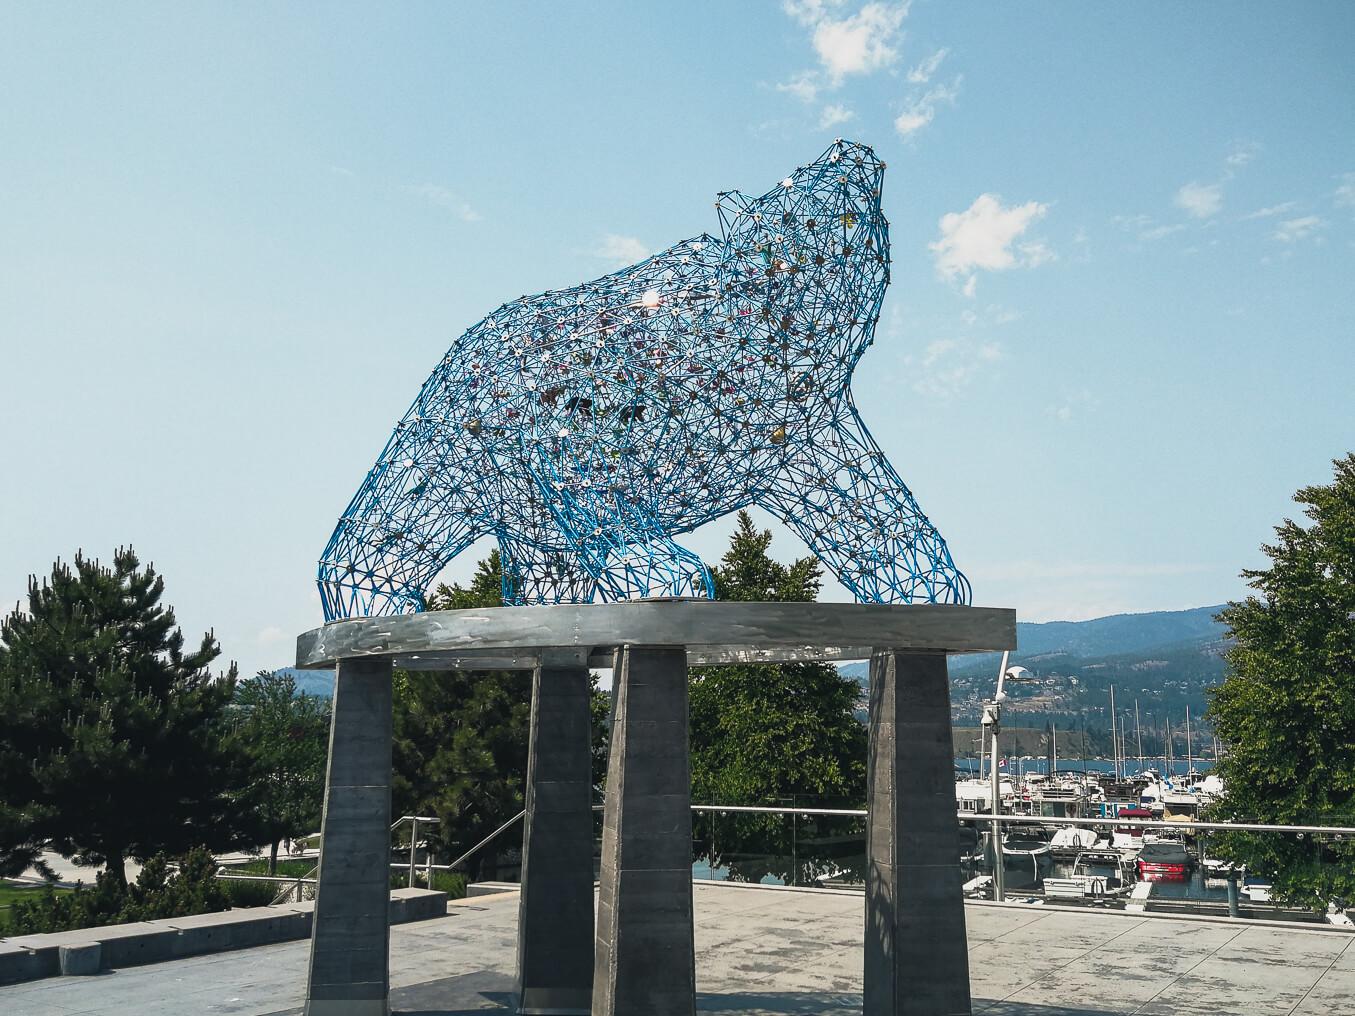 Bären Skulptur in Kelowna